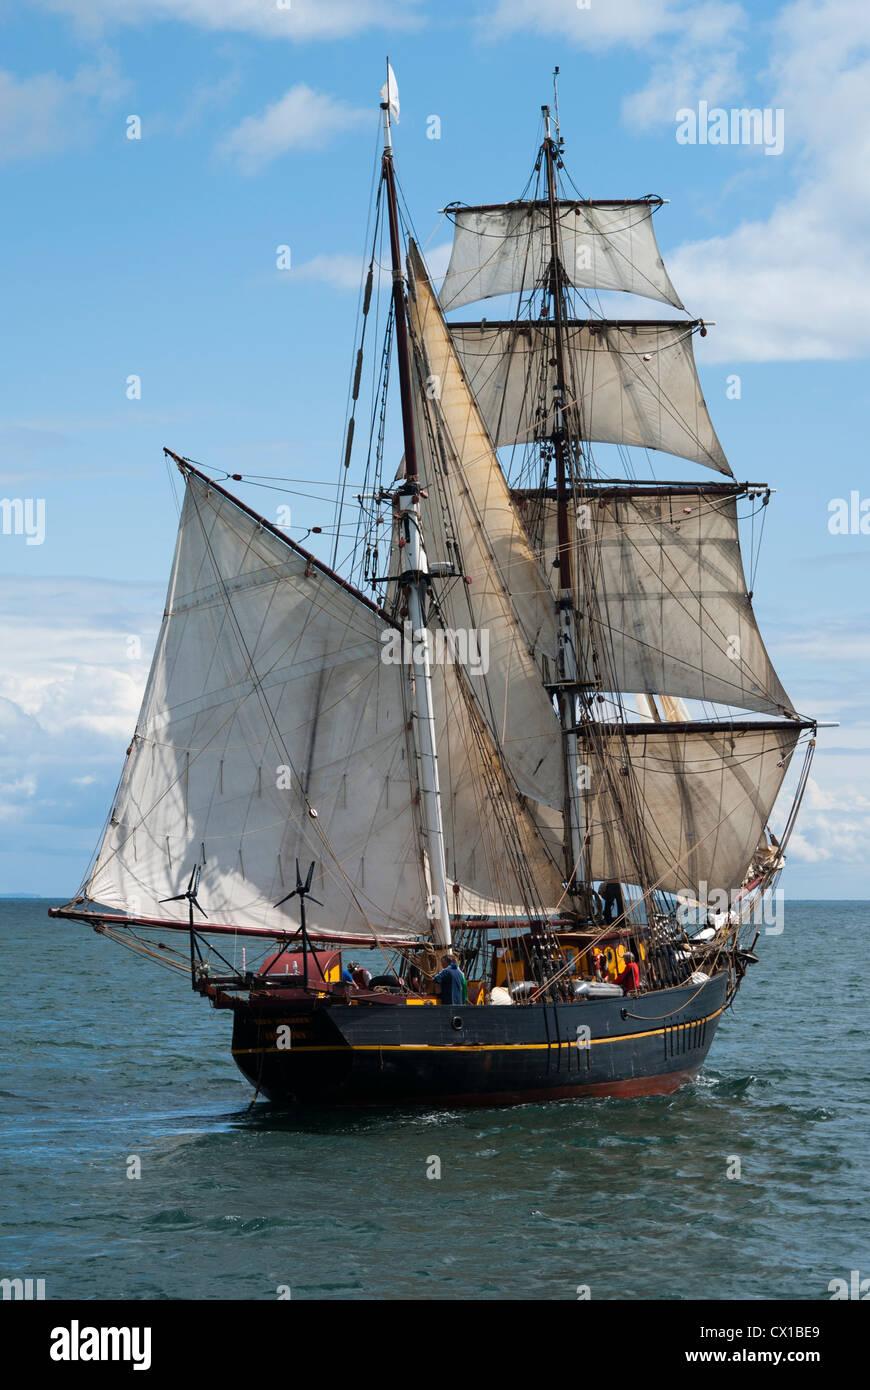 Tall Ship, el Barco Velero y barco de carga, Brigadine Tres Hombres, dos mástiles y cuadrado Goleta amañadas Foto de stock